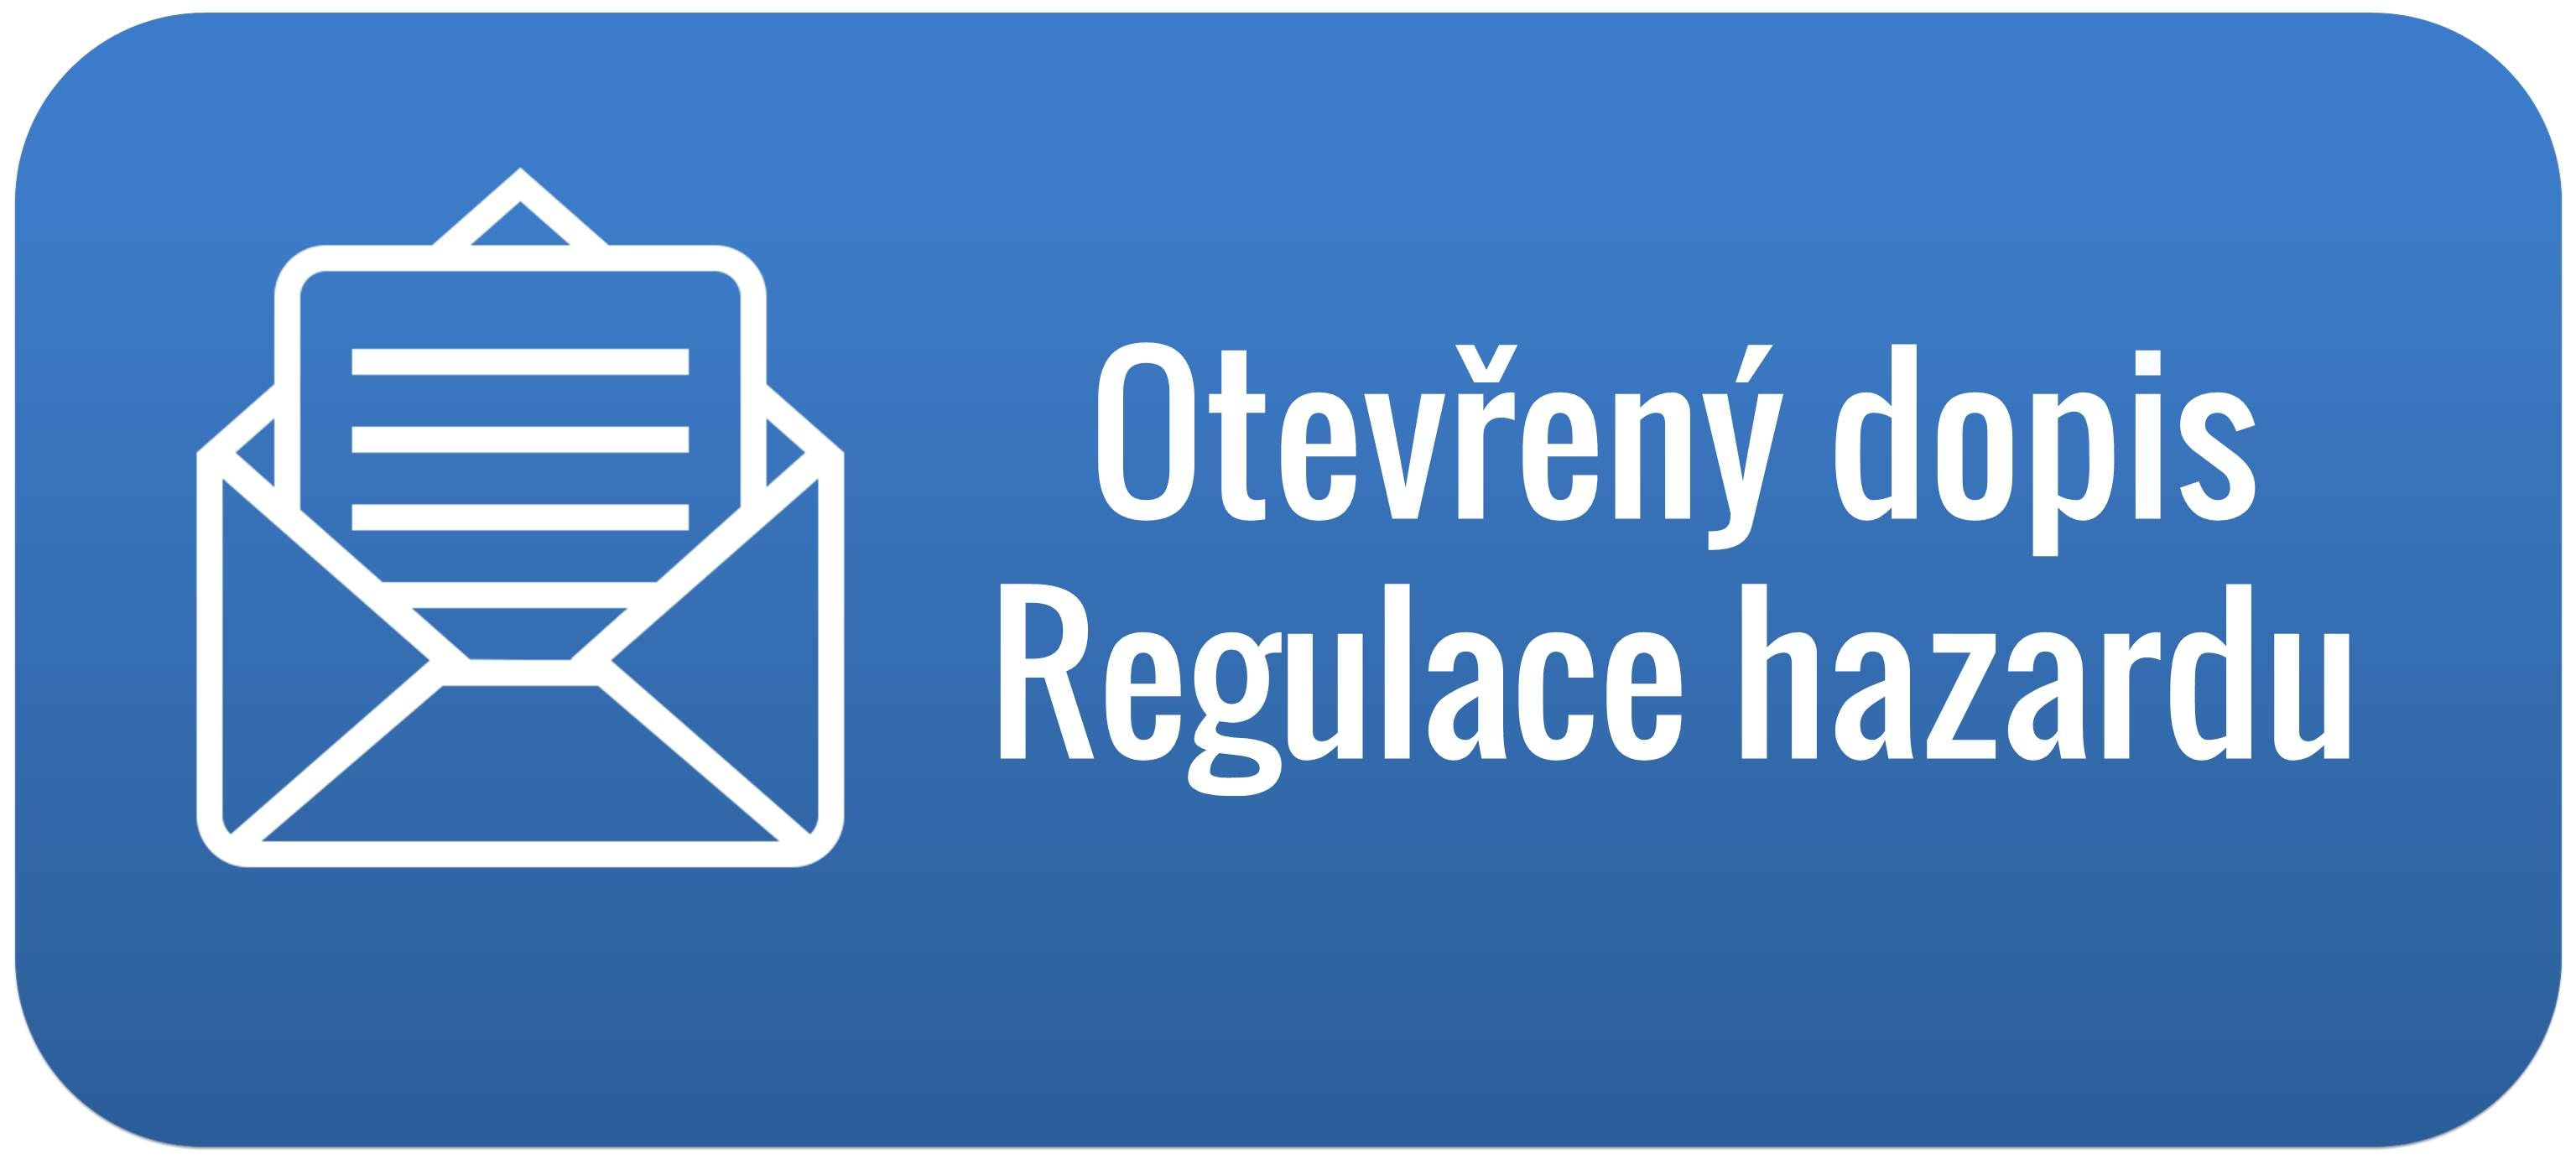 Otevřený dopis - Regulace hazardu - web